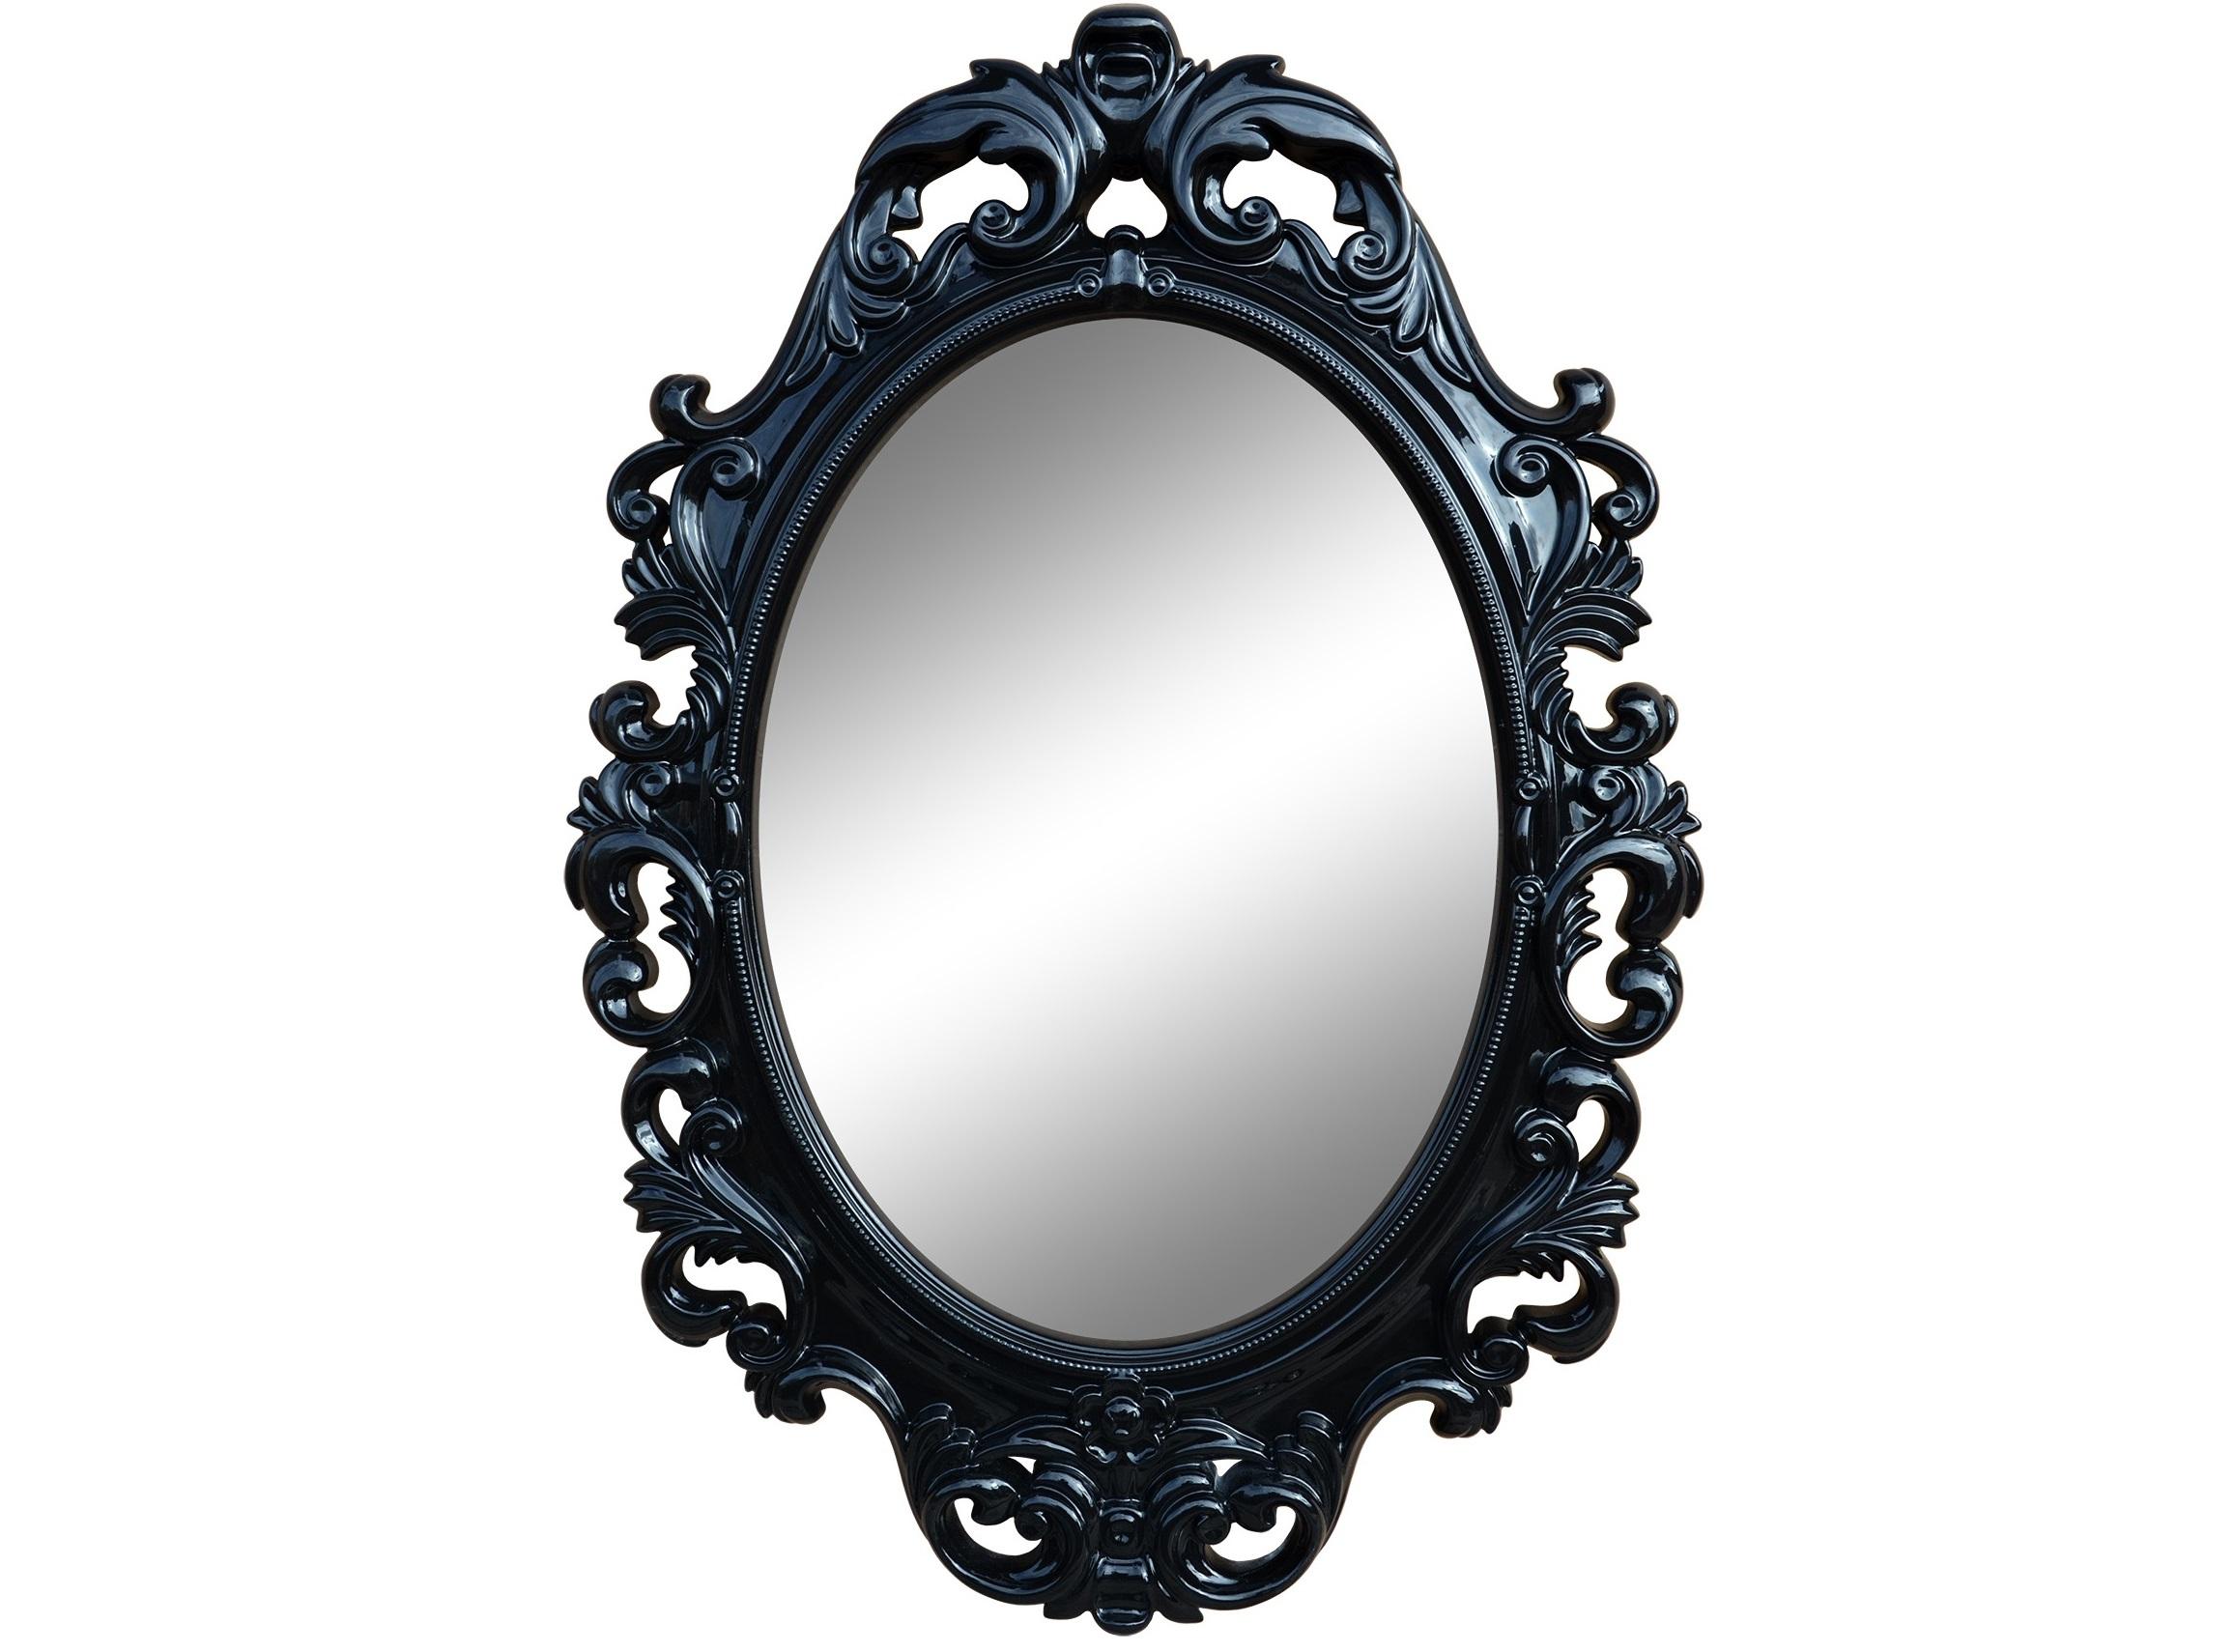 Зеркало ВИНТАЖНастенные зеркала<br>&amp;lt;div&amp;gt;Основные особенности ППУ: Безопасен для здоровья, не содержит вещества вызывающие аллергию, долговечность, надежность, жесткость, влагостойкость. Все декоративные красители - грунты, эмали, воски обладают высокой стойкостью.&amp;amp;nbsp;&amp;lt;/div&amp;gt;&amp;lt;div&amp;gt;Основное преимущество использованных материалов - это отсутствие запахов и быстрое высыхание, а также экологичность.&amp;amp;nbsp;&amp;lt;/div&amp;gt;&amp;lt;div&amp;gt;&amp;lt;br&amp;gt;&amp;lt;/div&amp;gt;&amp;lt;div&amp;gt;Рекомендации по уходу: бережная, влажная уборка.&amp;amp;nbsp;&amp;lt;/div&amp;gt;&amp;lt;div&amp;gt;Запрещается использование любых растворителей.&amp;lt;/div&amp;gt;<br><br>Material: Полиуретан<br>Ширина см: 67<br>Высота см: 96<br>Глубина см: 4